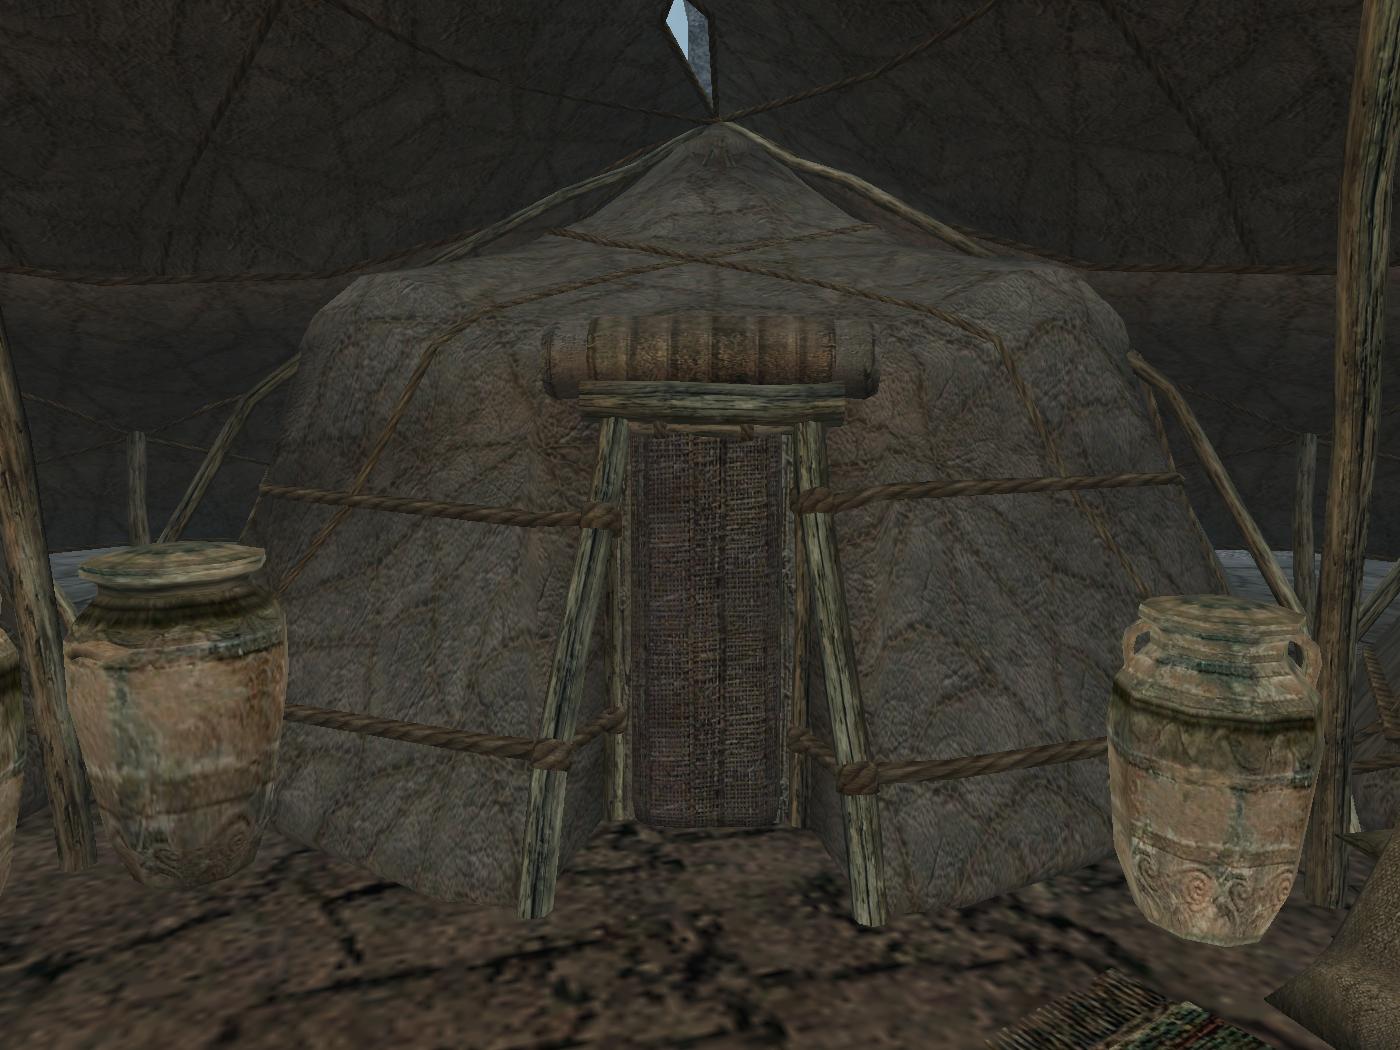 Han-Ammu's Yurt